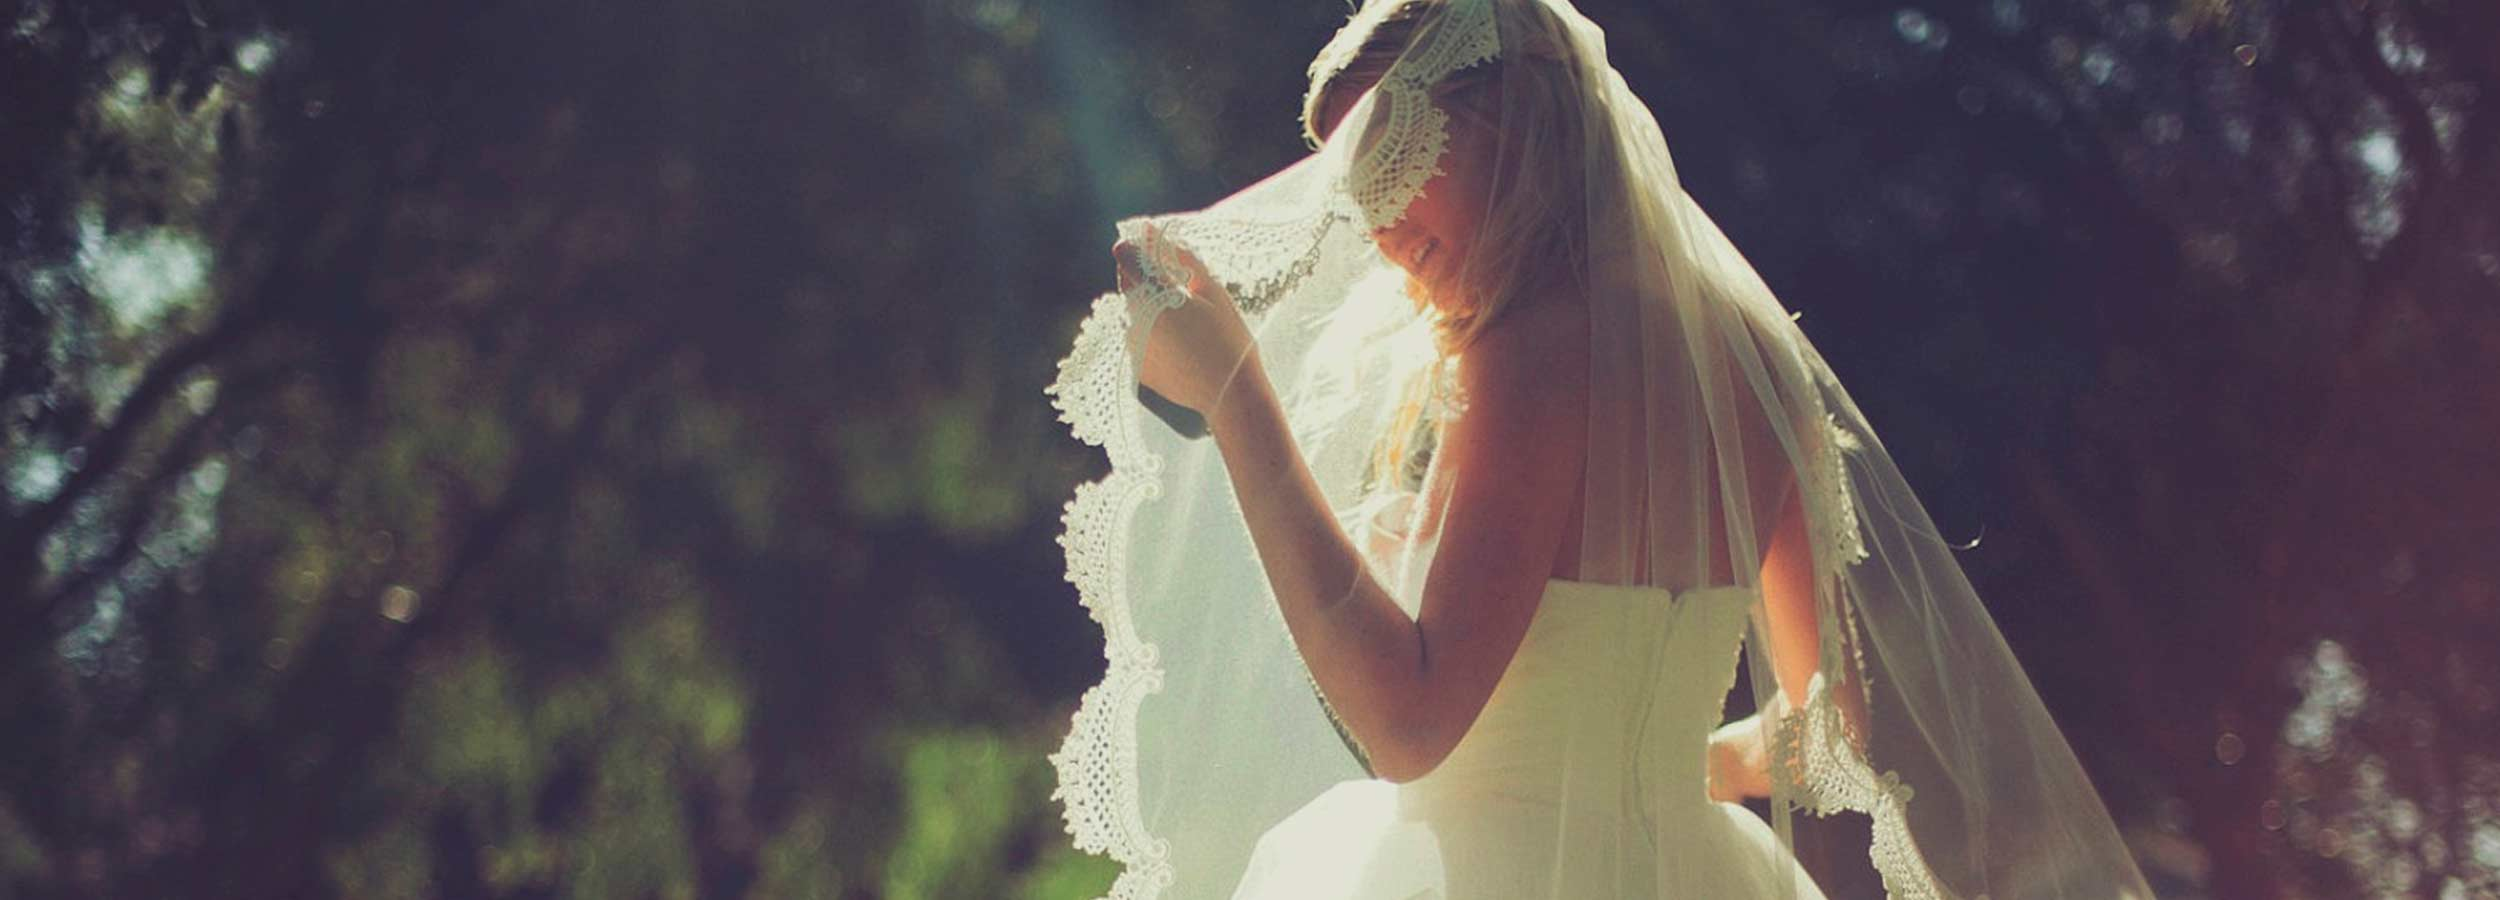 Somrigt beslöjad brud på bröllop på Falkenberg Strandbad